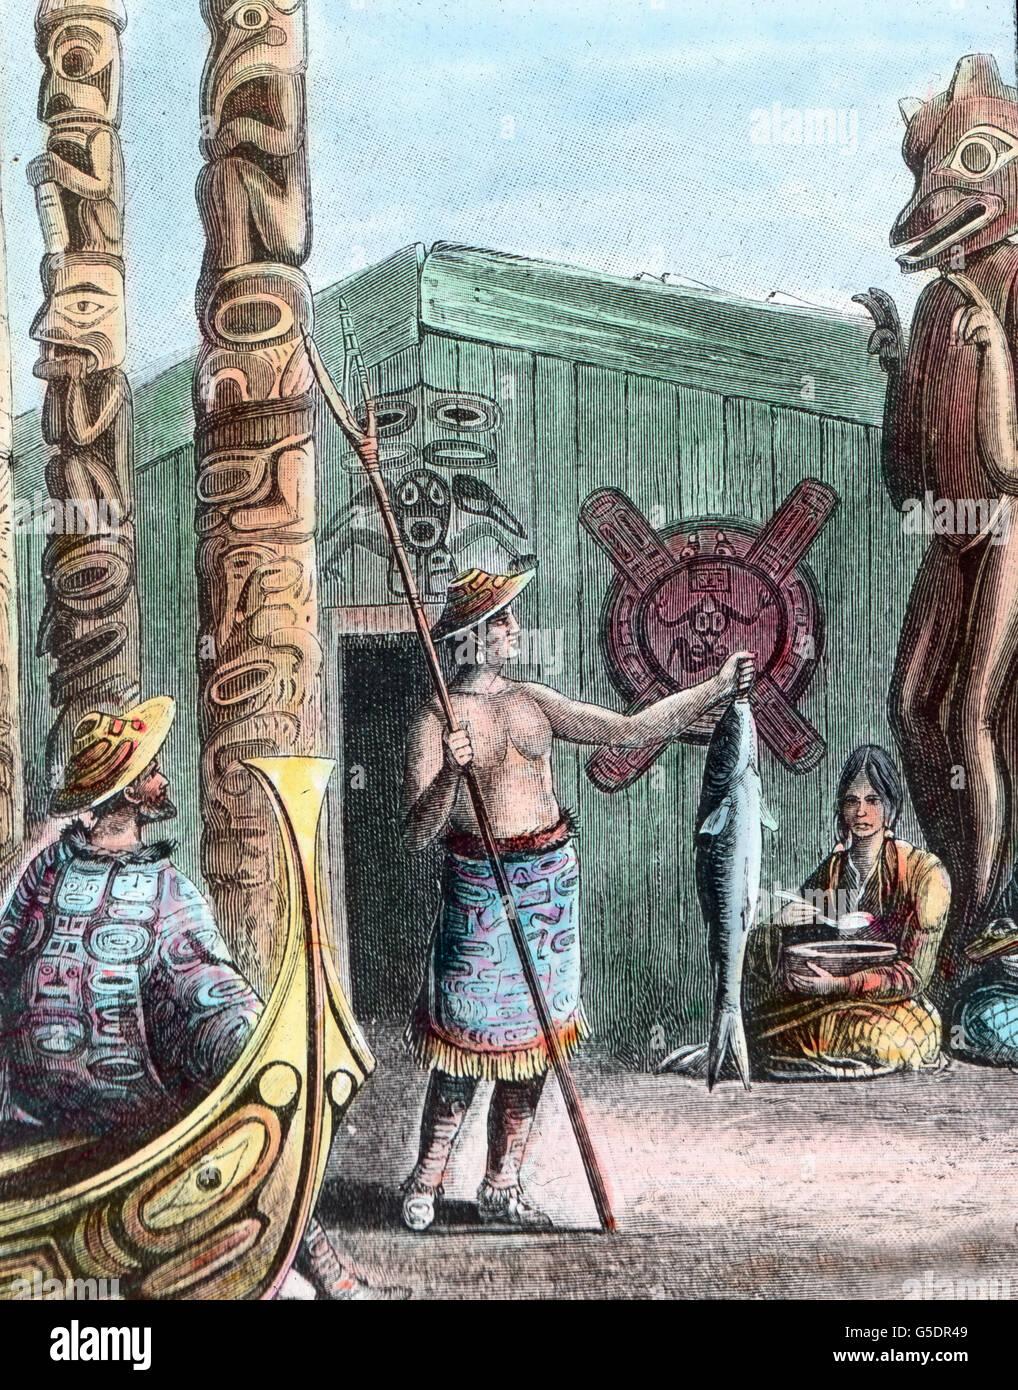 Der Indianerstamm versammelt sich um den Totempfahl.  America, Northern, North, USA, United States of America, travel, - Stock Image